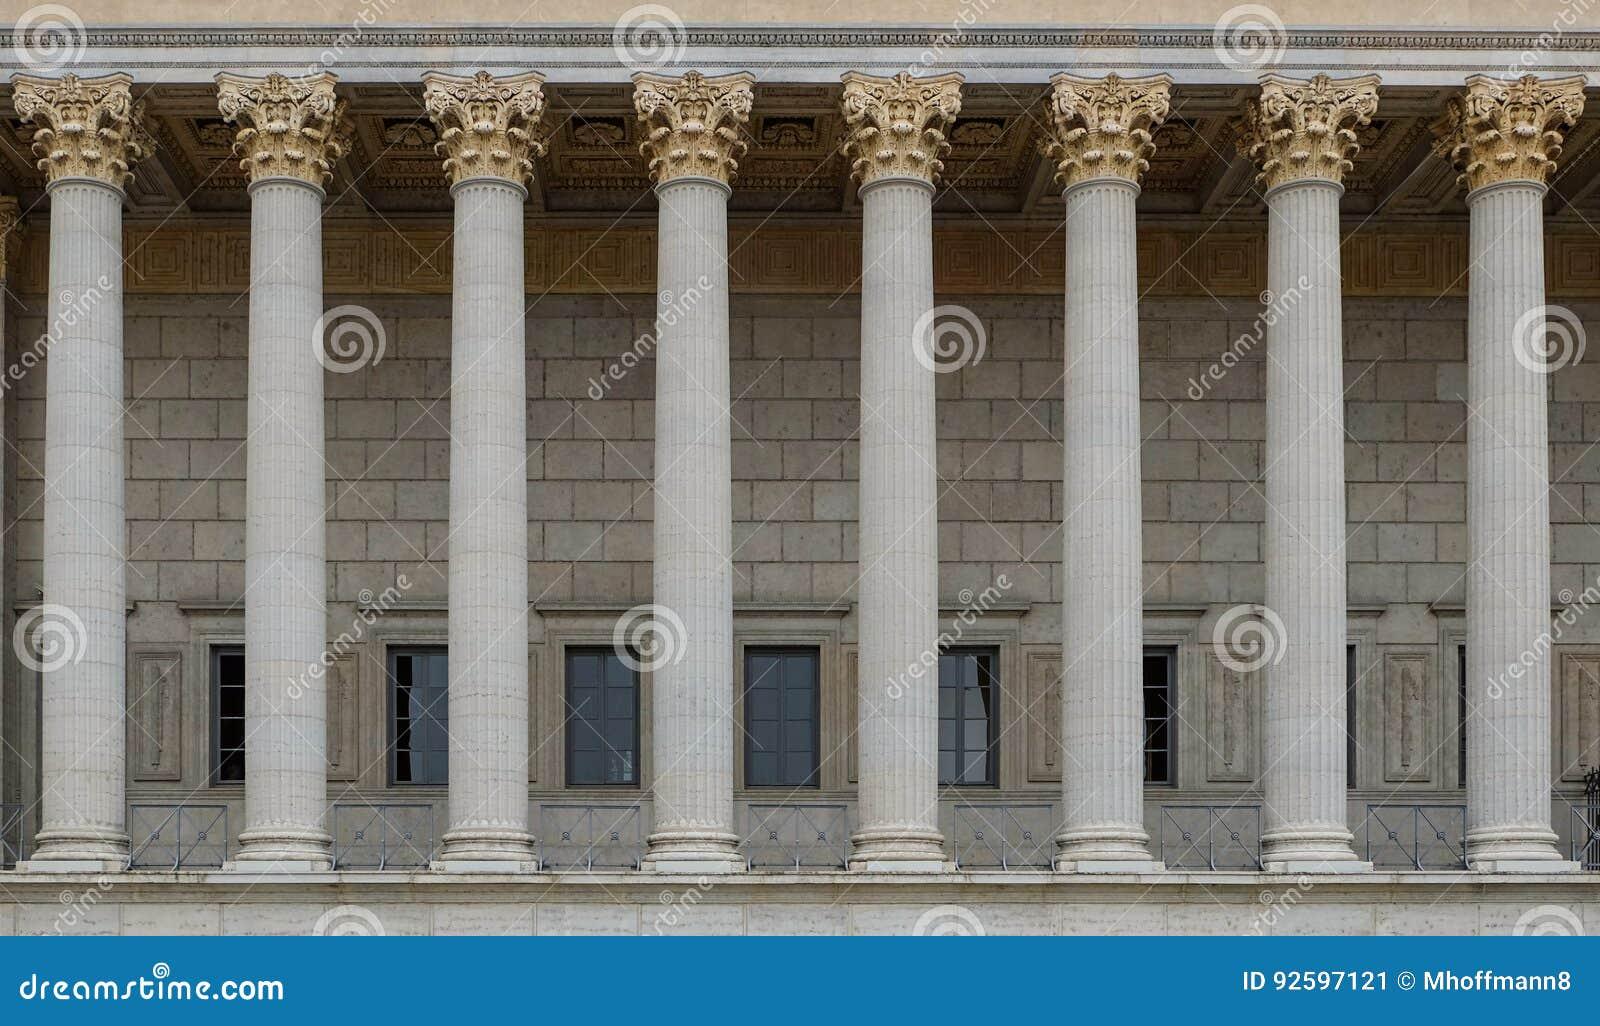 Een colonnade van een publiekrechtelijk hof Een neoklassiek gebouw met een rij van Corinthische kolommen